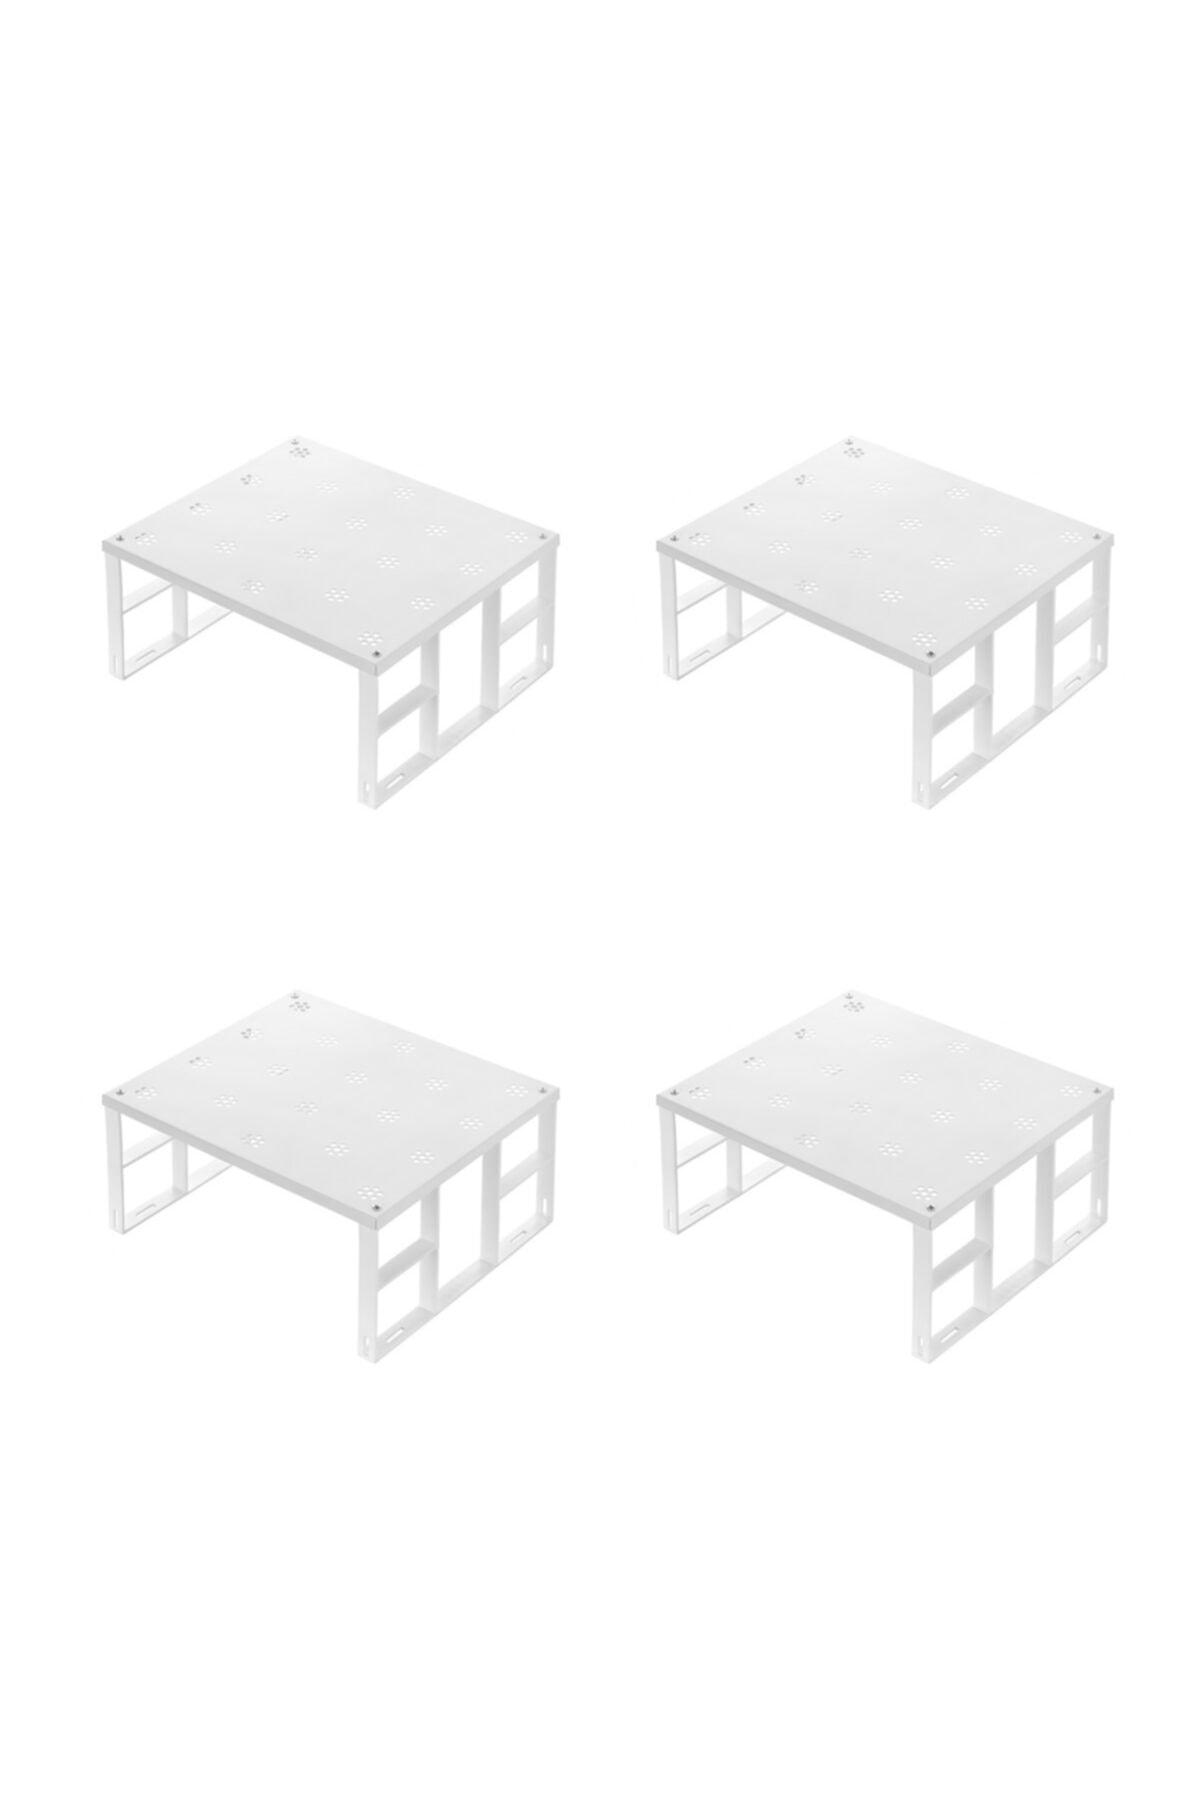 Dolap Içi Düzenleyici Raf Tabak Bardak Rafı Metal Raf 4'lü